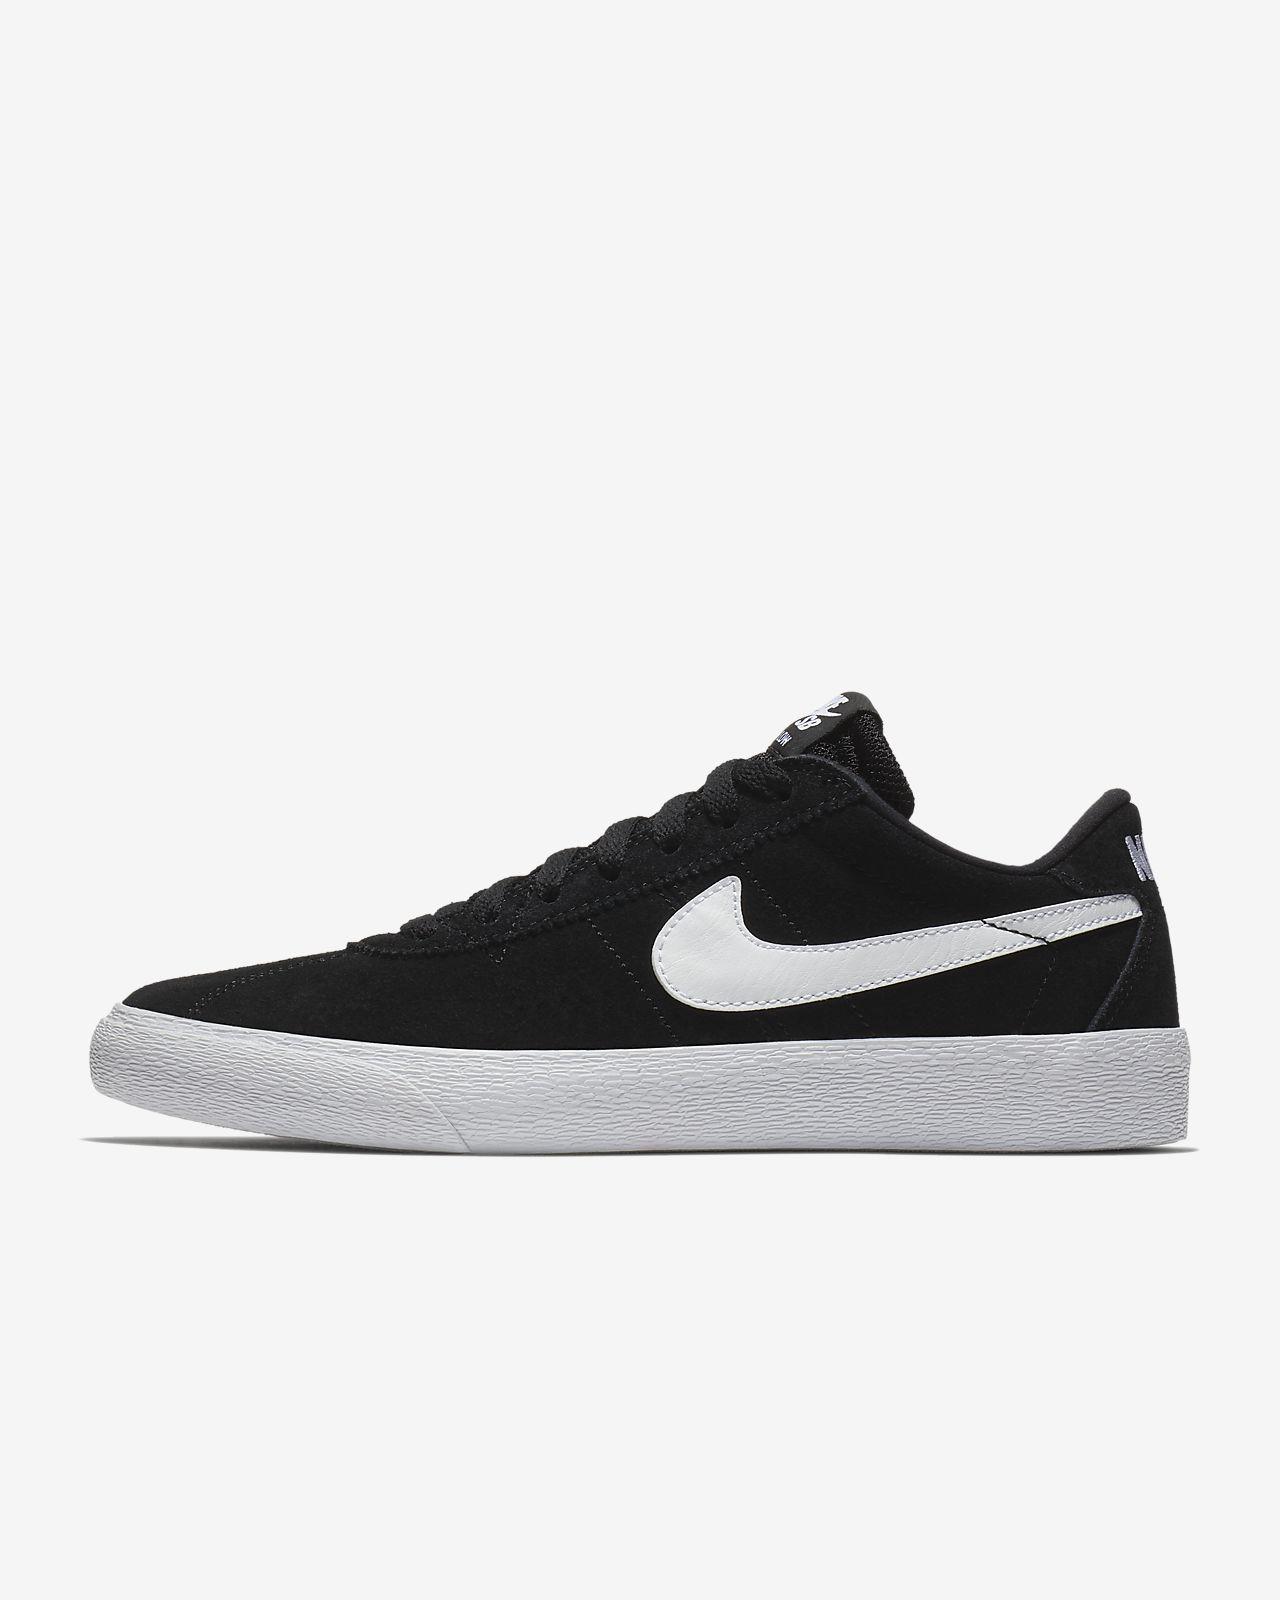 af4657e63631d Calzado de skateboarding para mujer Nike SB Zoom Bruin Low. Nike.com MX